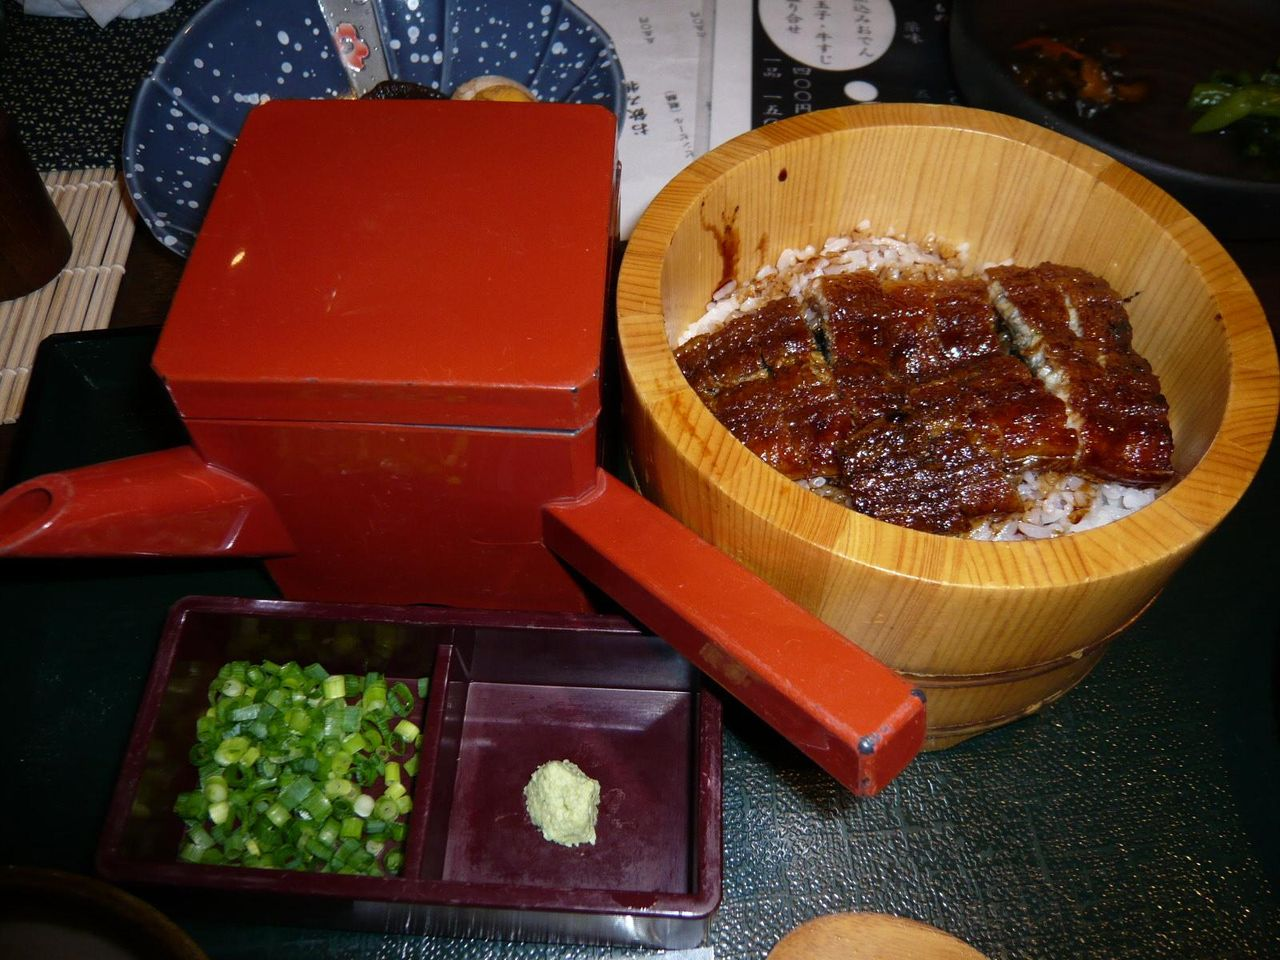 テレビで紹介された、お昼のひつまぶし1,050円